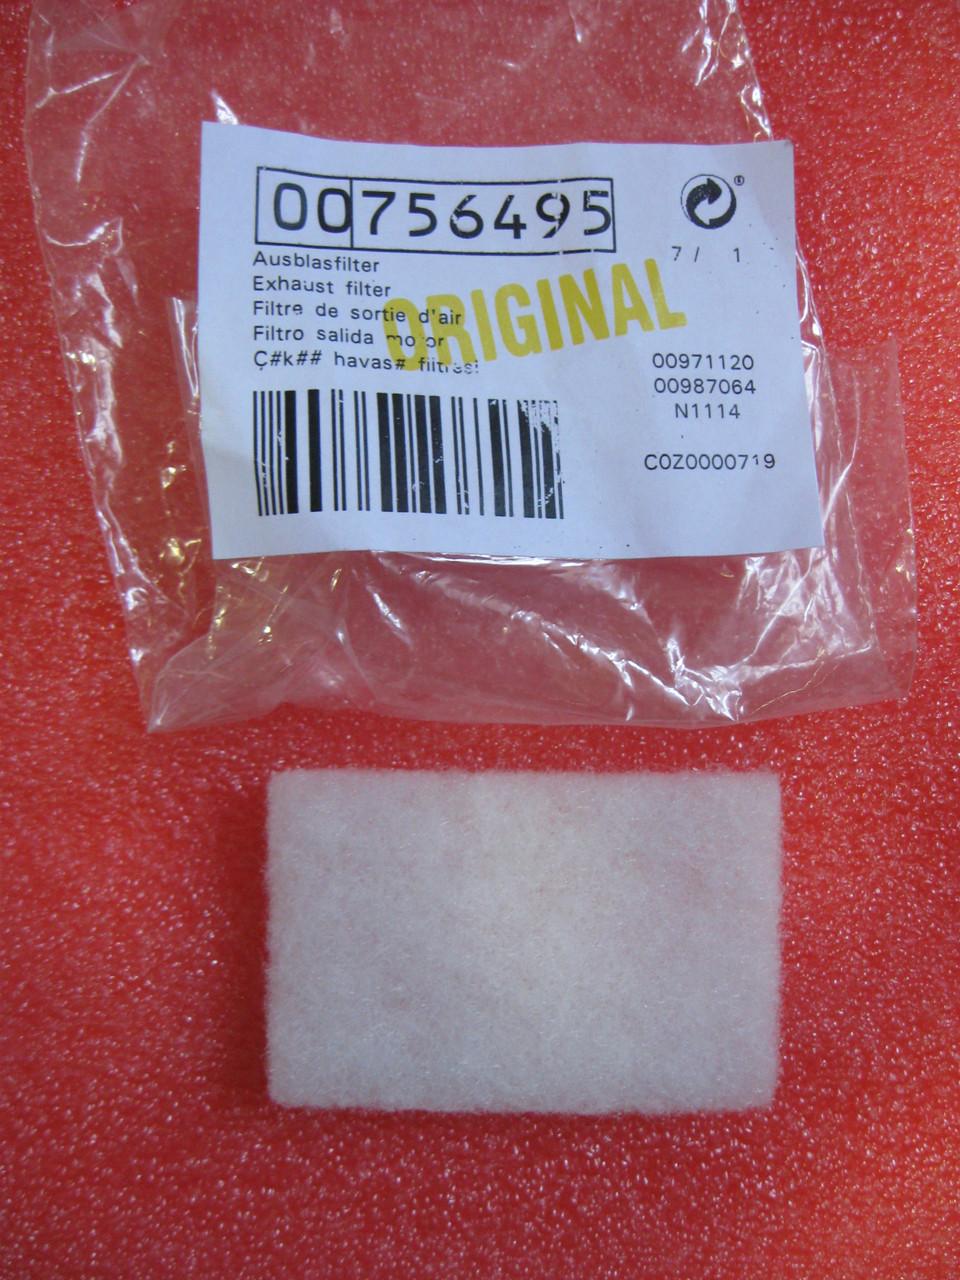 Продувочный фильтр моющего  пылесоса Zelmer 829.OST , 00756495